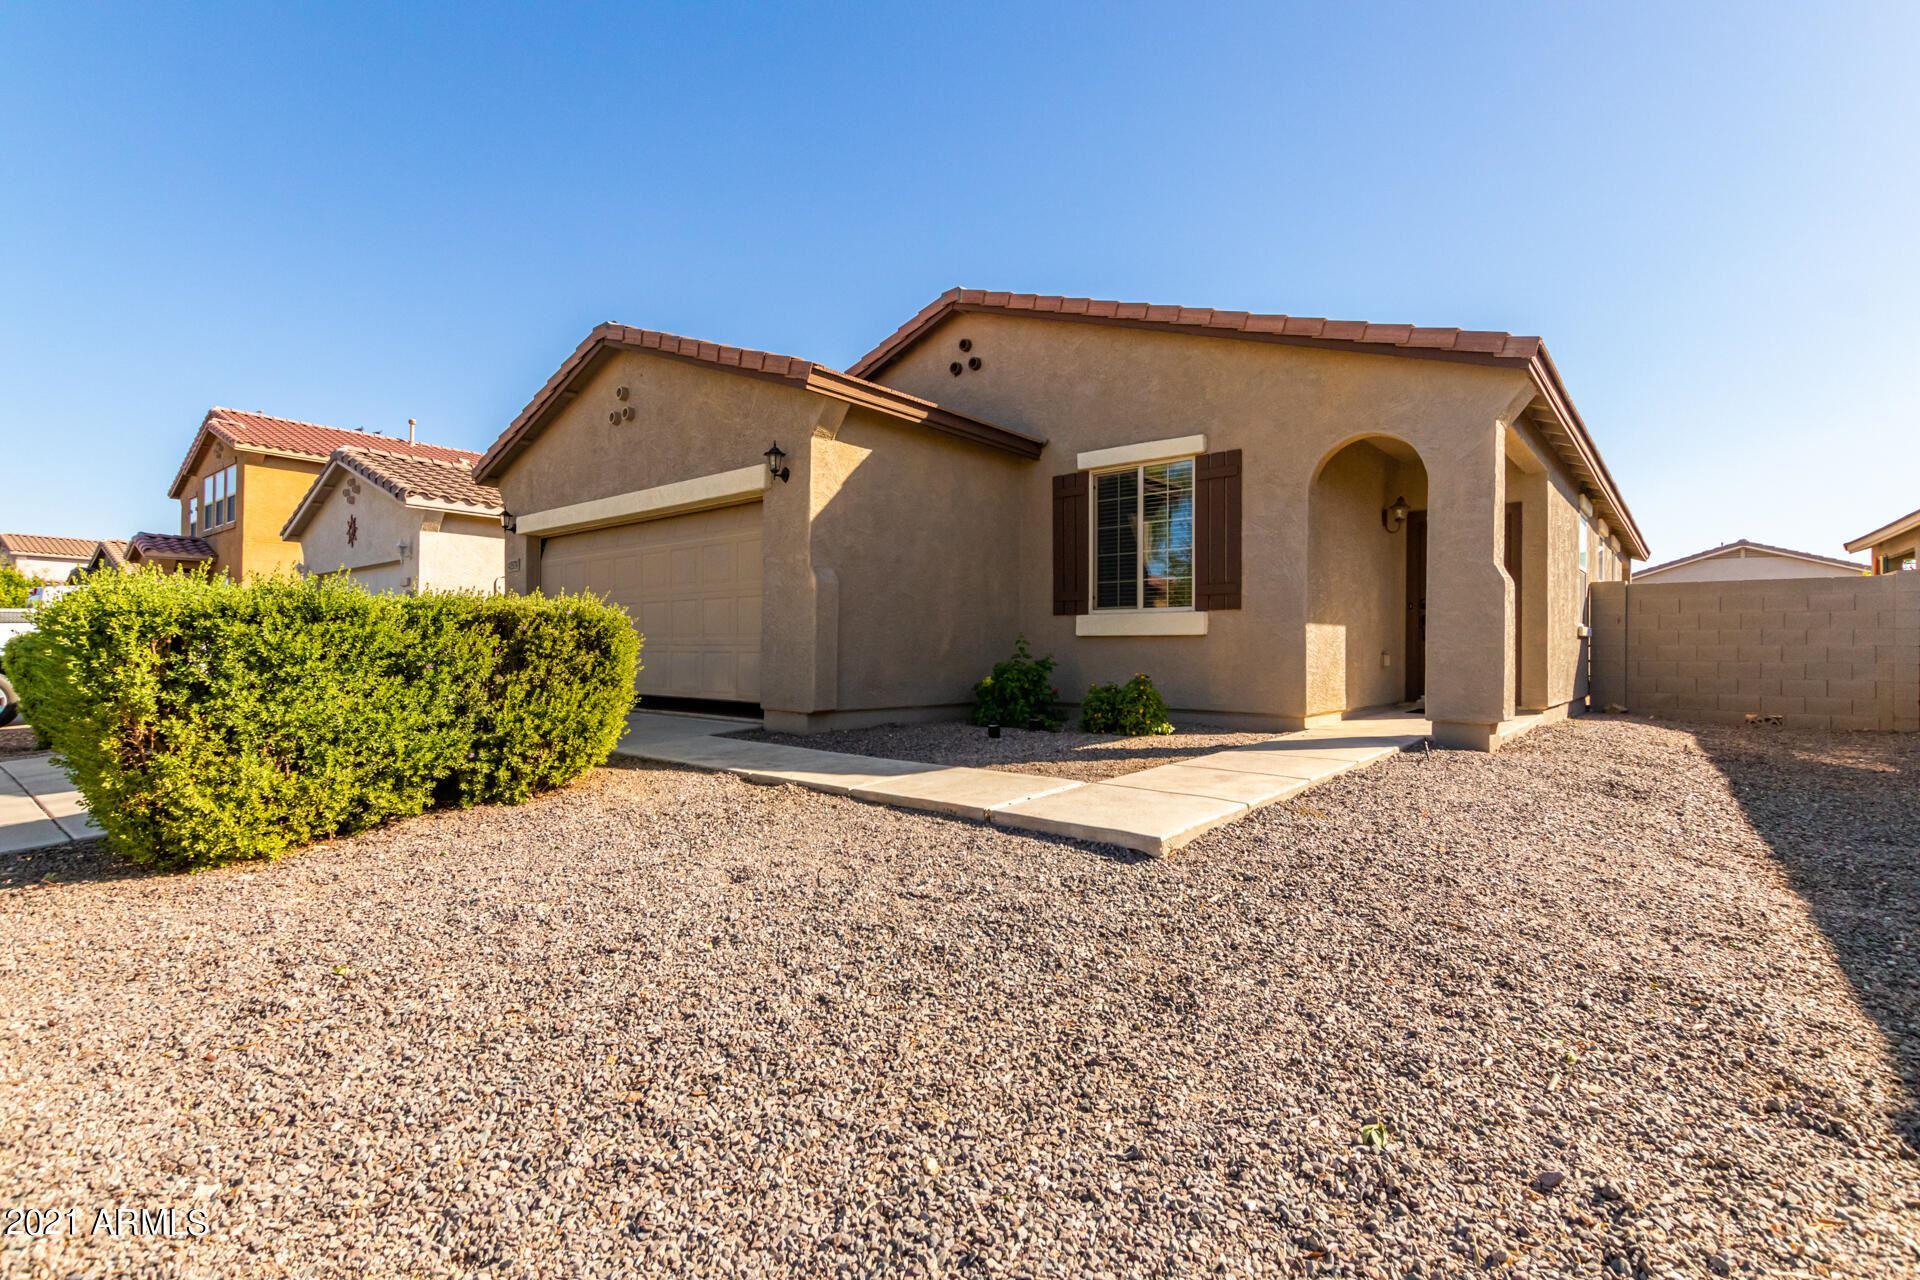 Photo of 42579 W SANTA FE Street, Maricopa, AZ 85138 (MLS # 6306789)